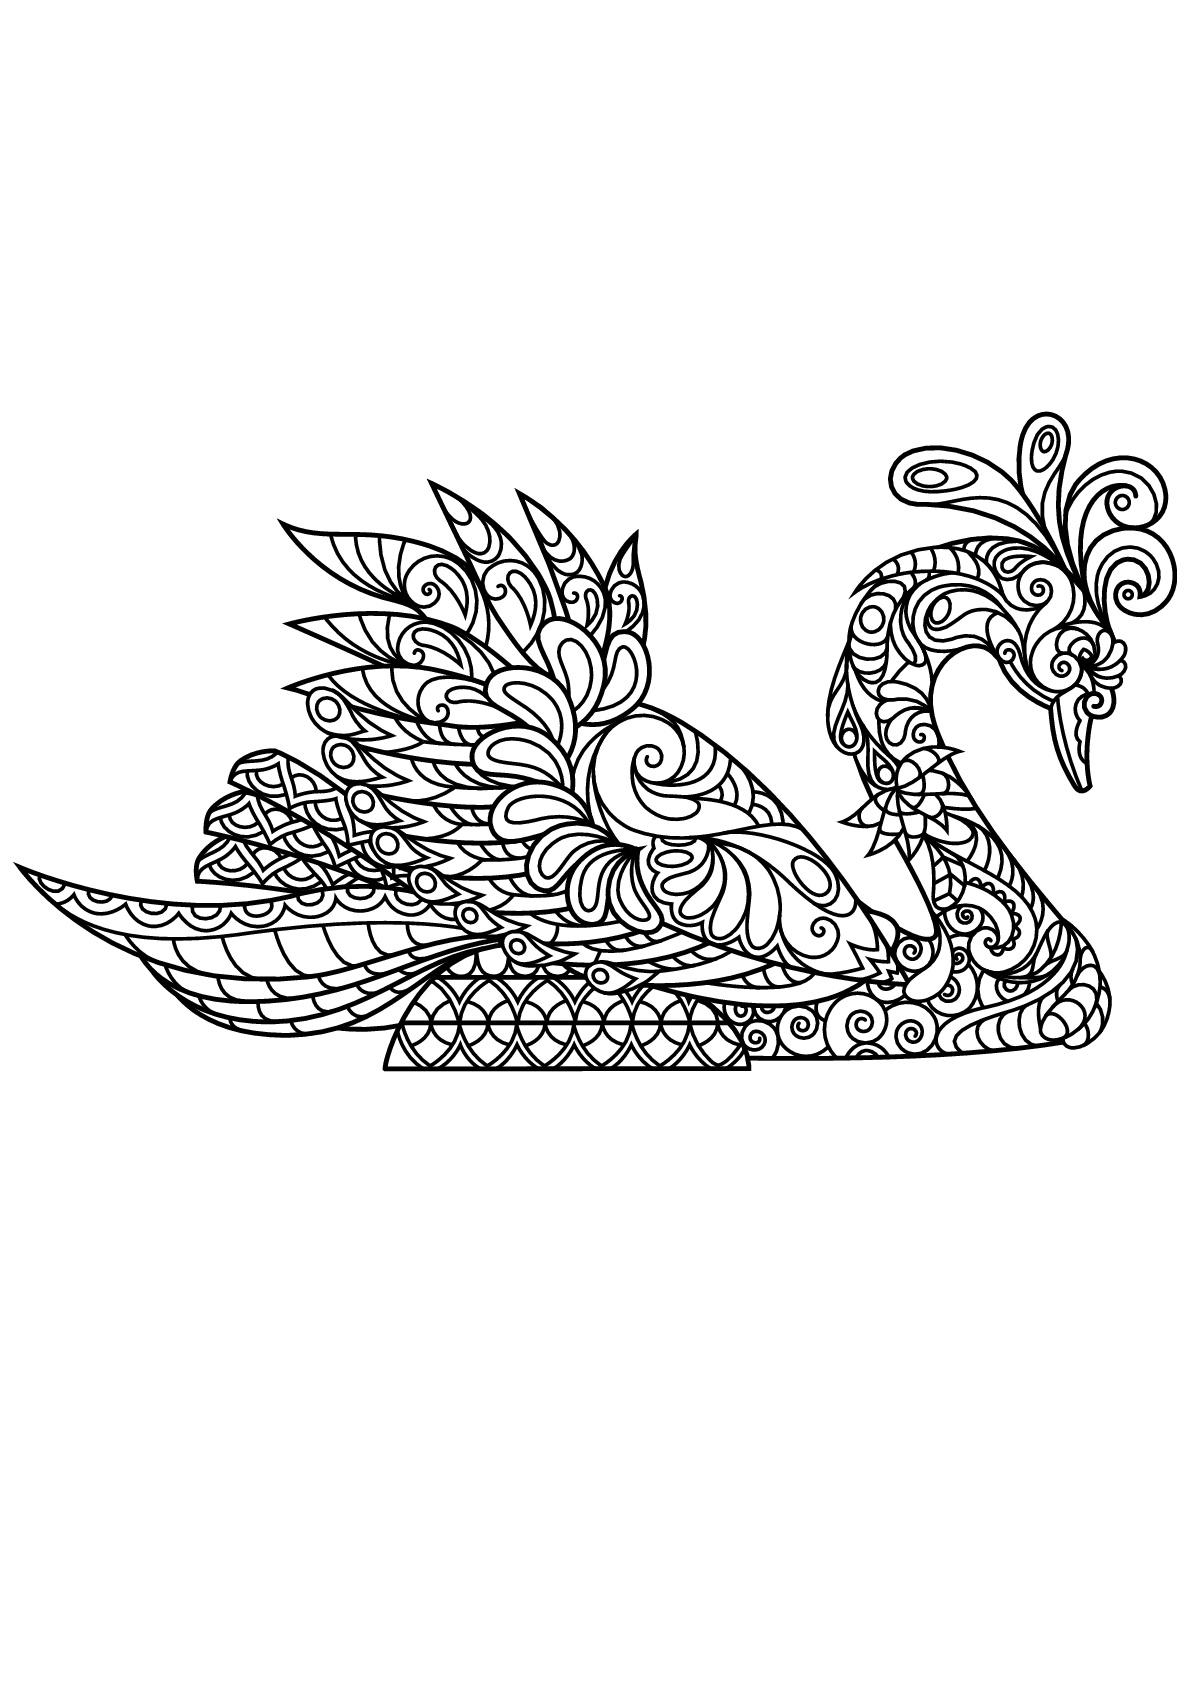 Disegni da colorare per adulti : Uccelli - 22